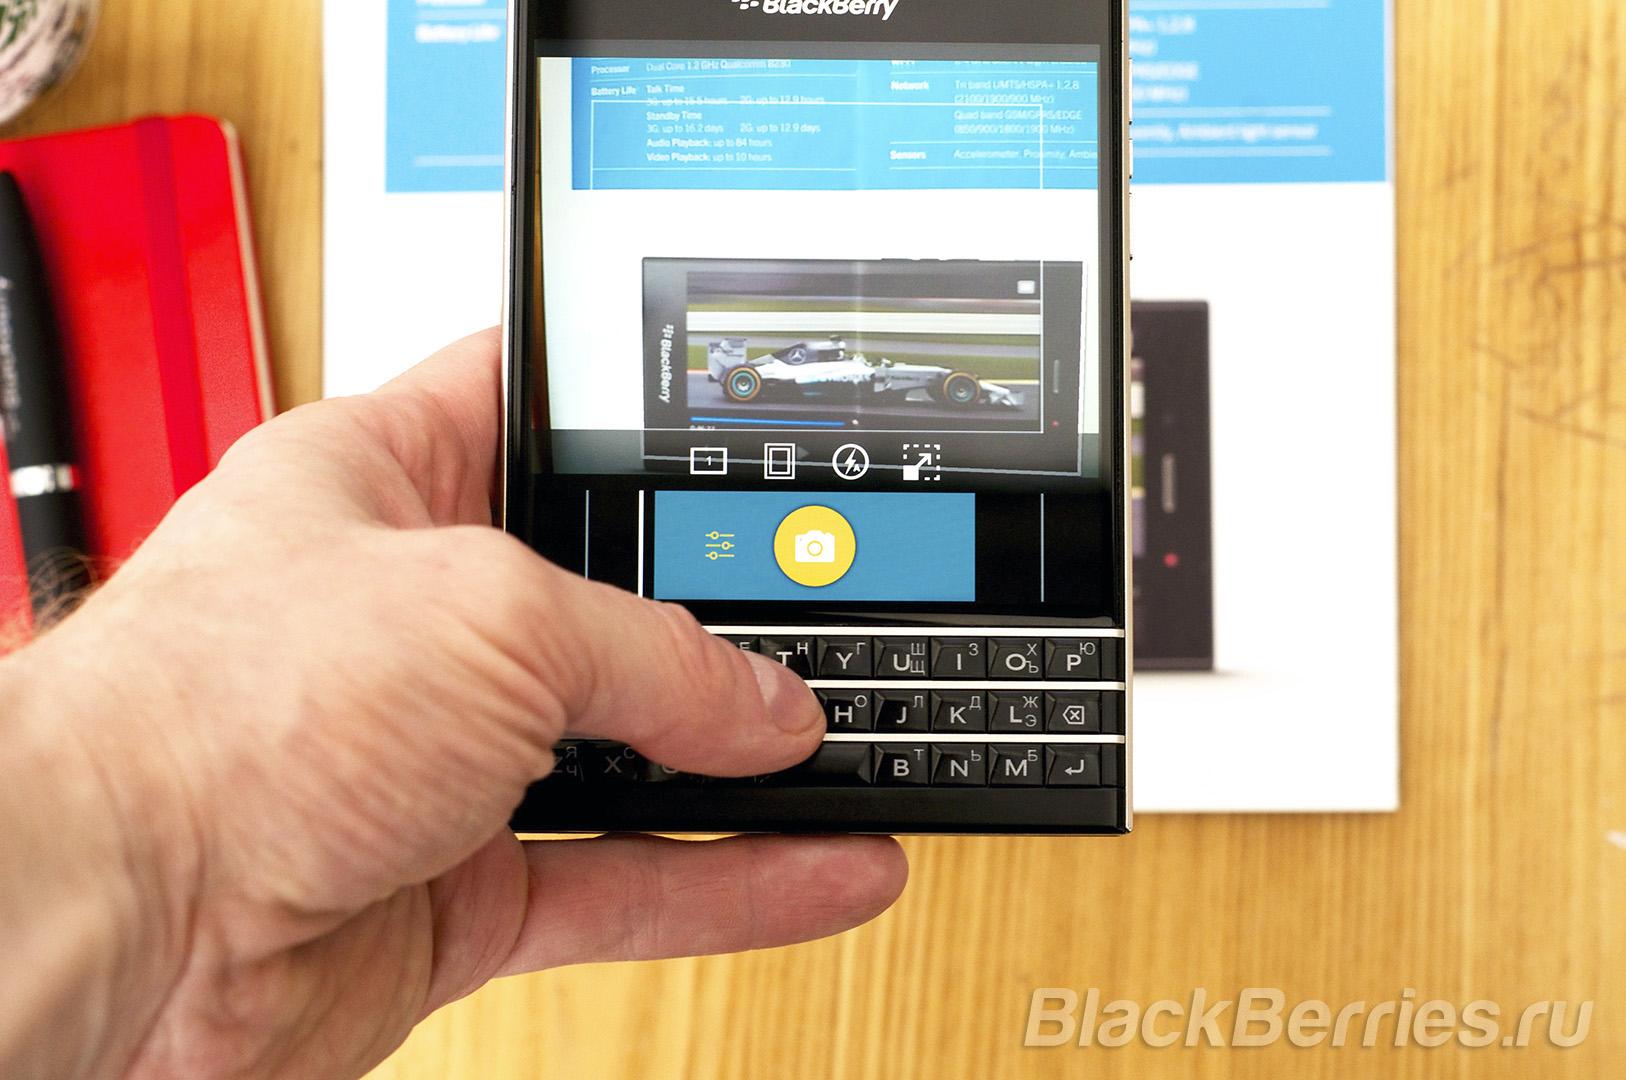 BlackBerry-Passport-App-Review-2-11